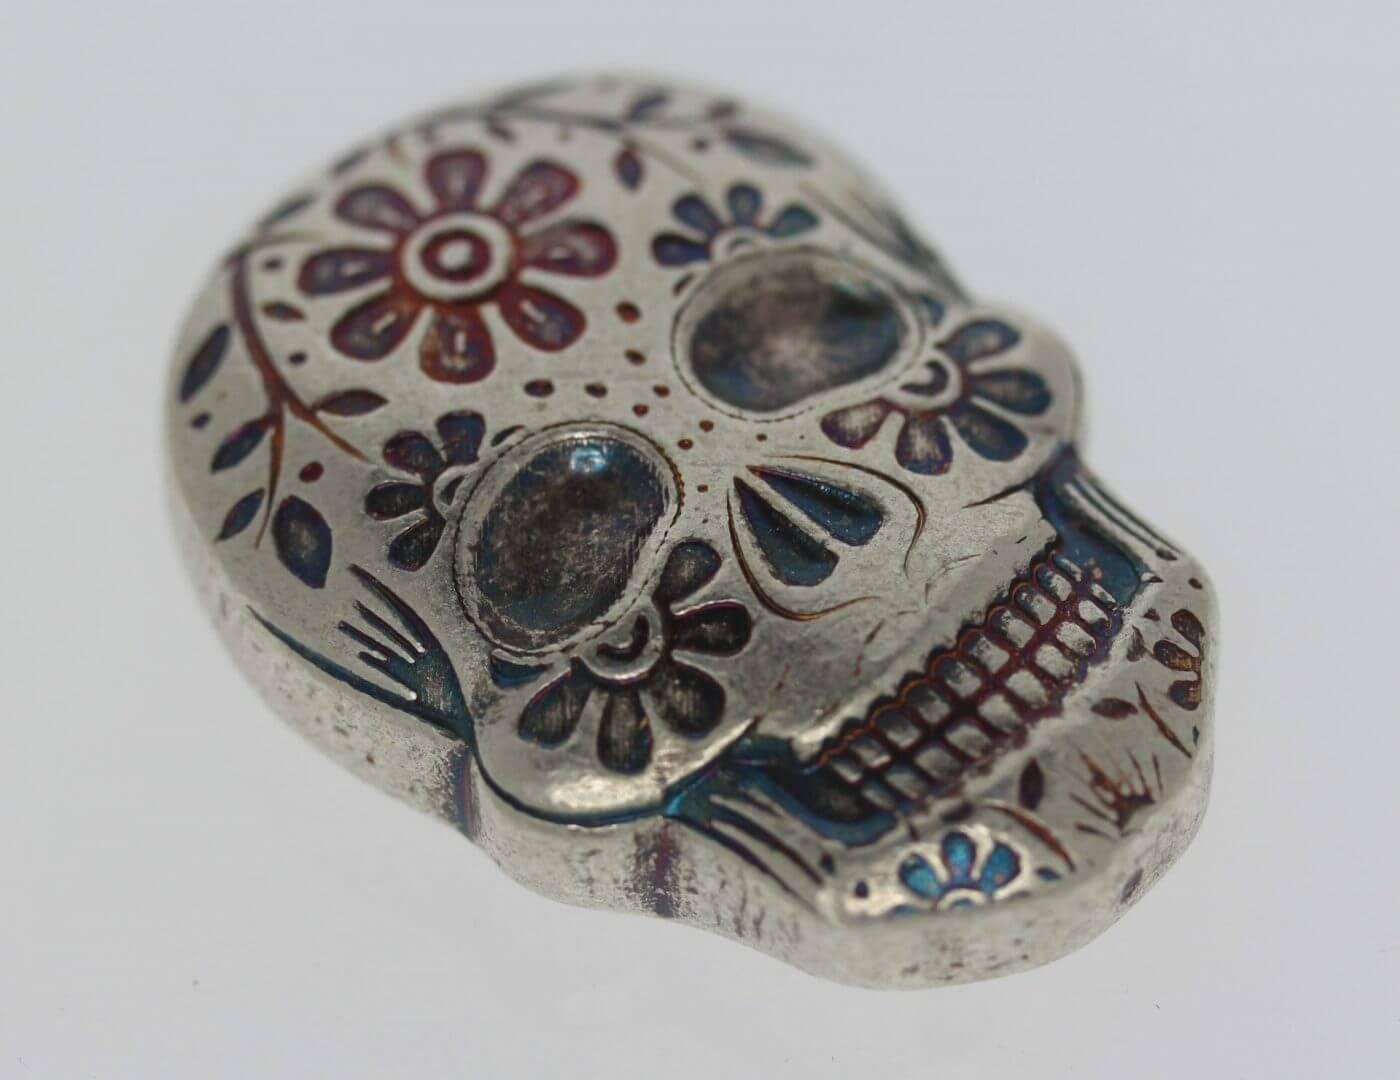 Day of the Dead 2oz .999 Hand Poured Silver Bullion Skull - Monarch Precious Metals 2